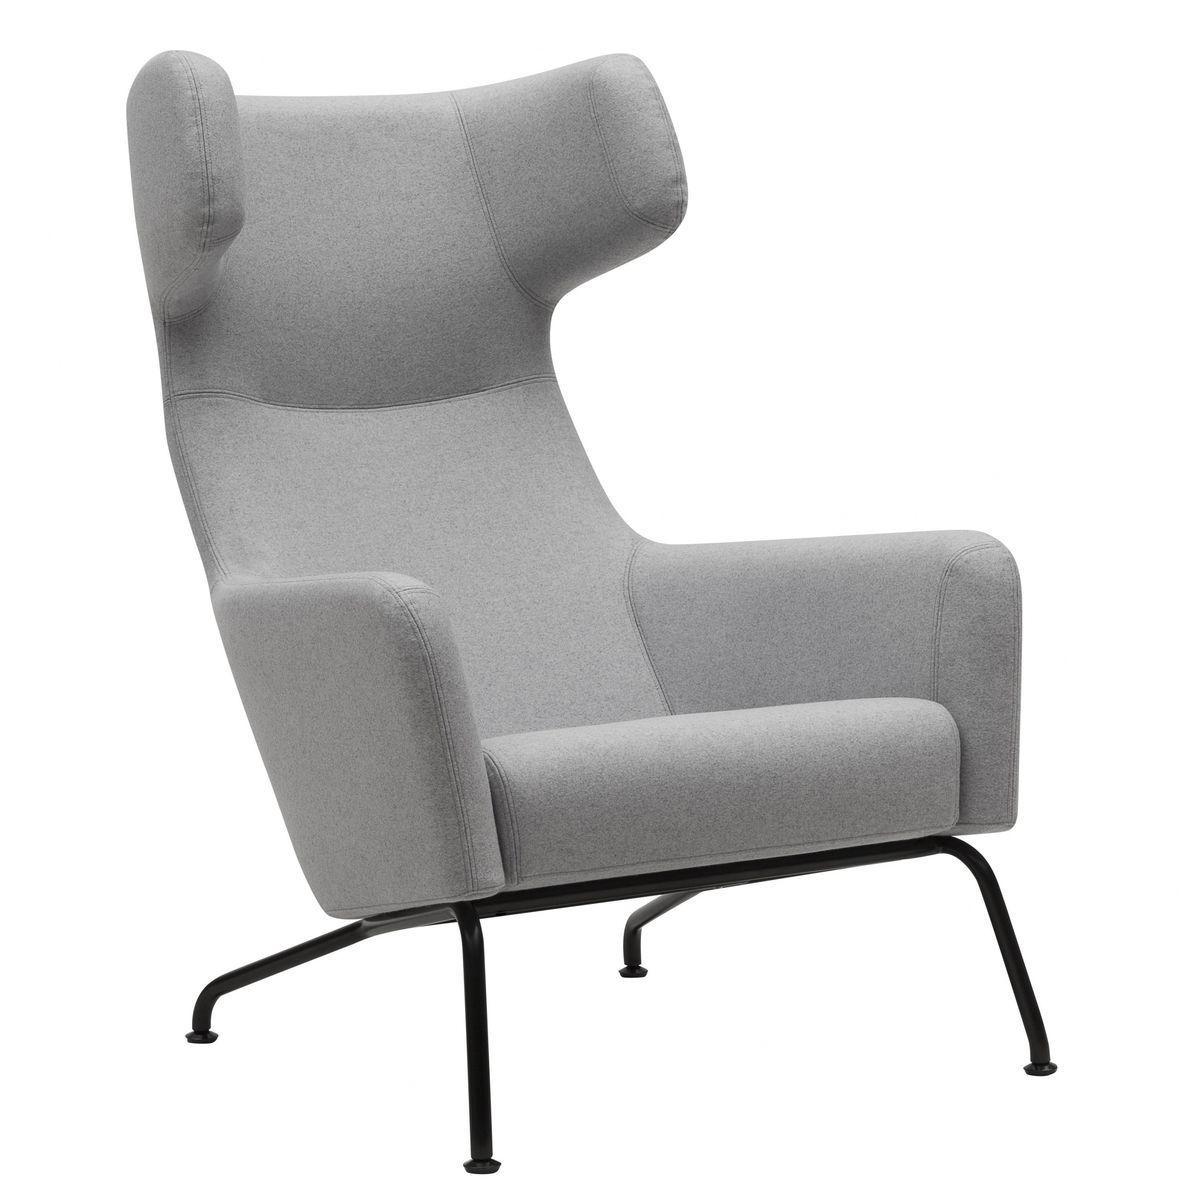 Softline havana fauteuil clair gris étoffe feutre 620 piètement noir